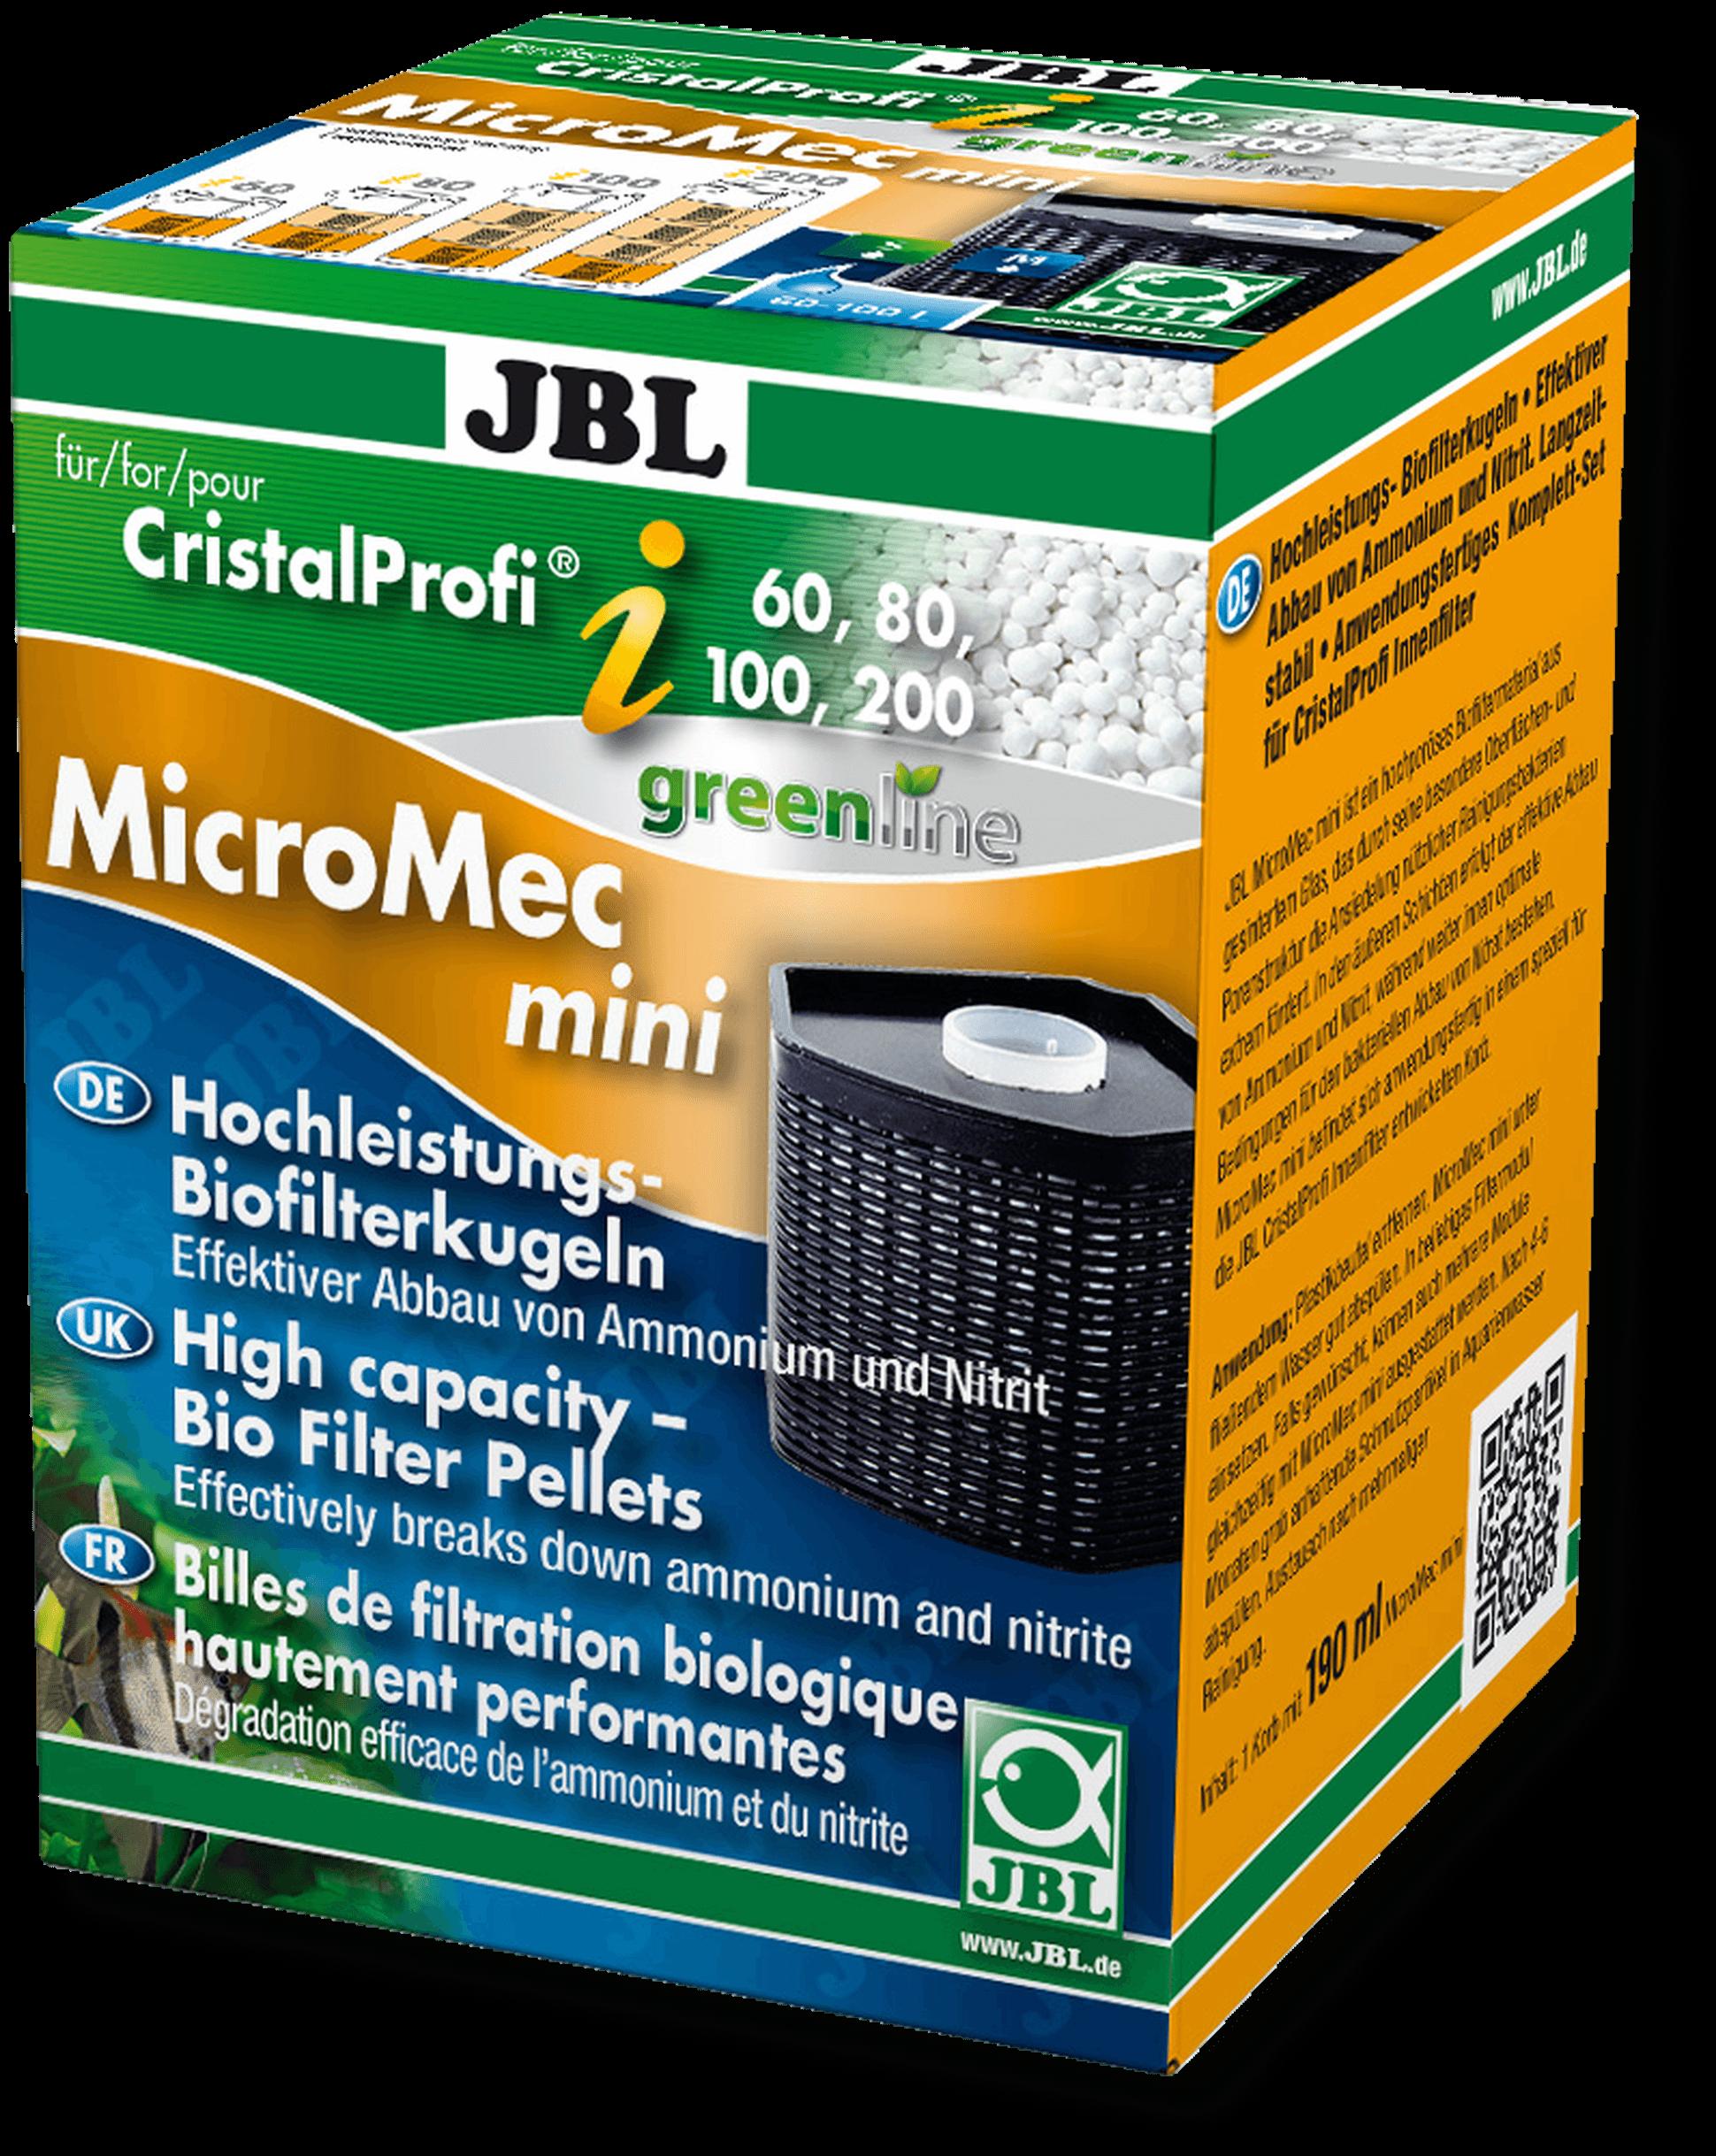 jbl-micromec-pour-filtre-cristal-profi-i60-i80-i100-i200 Frais De Aquarium tortue Aquatique Schème